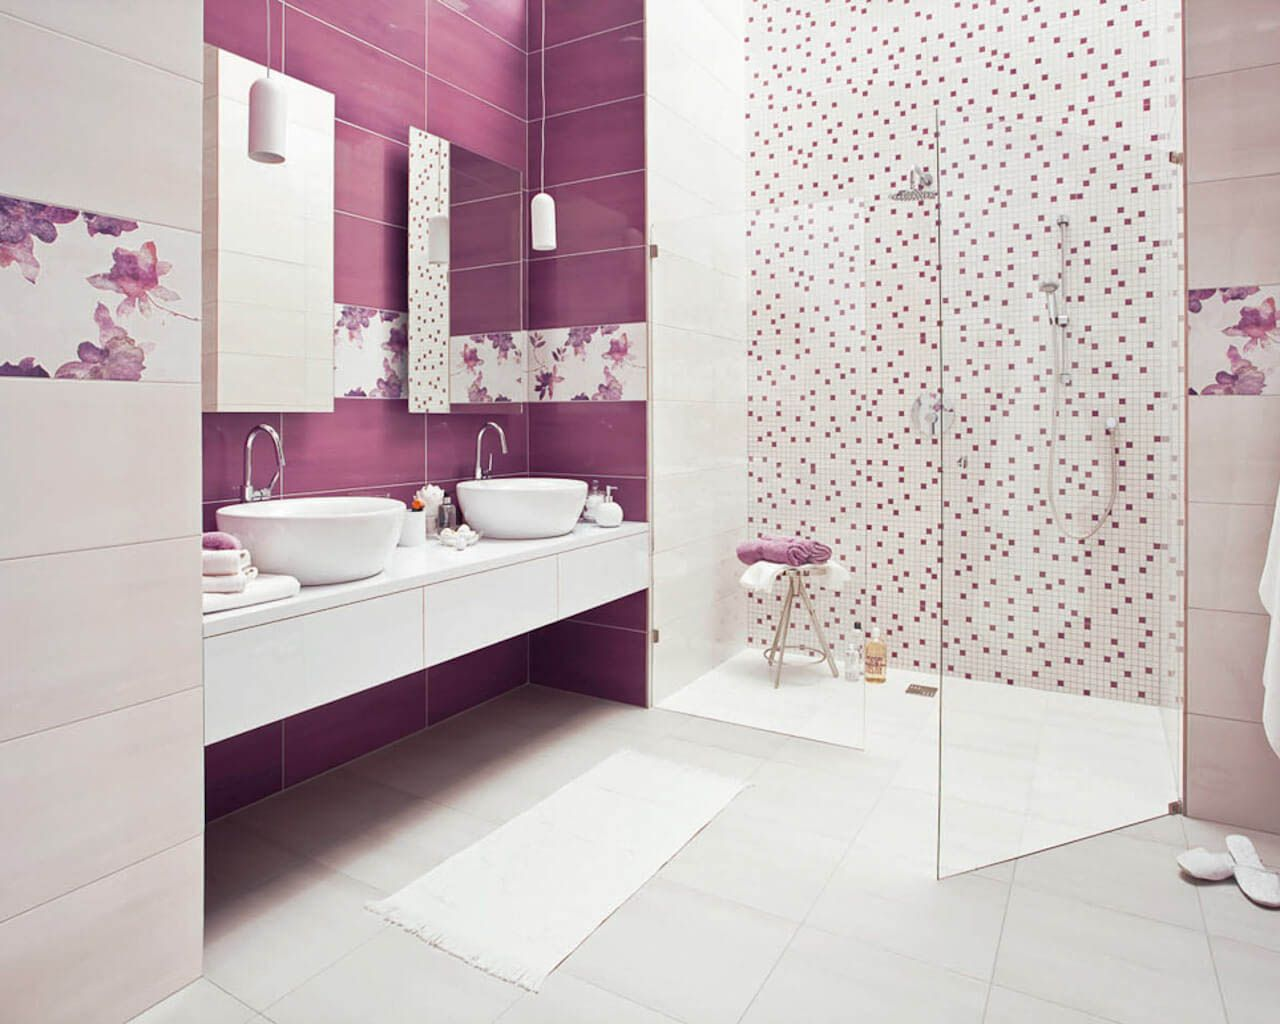 Przestronna Biało Wrzosowa łazienka Z Dwiema Umywalkami I